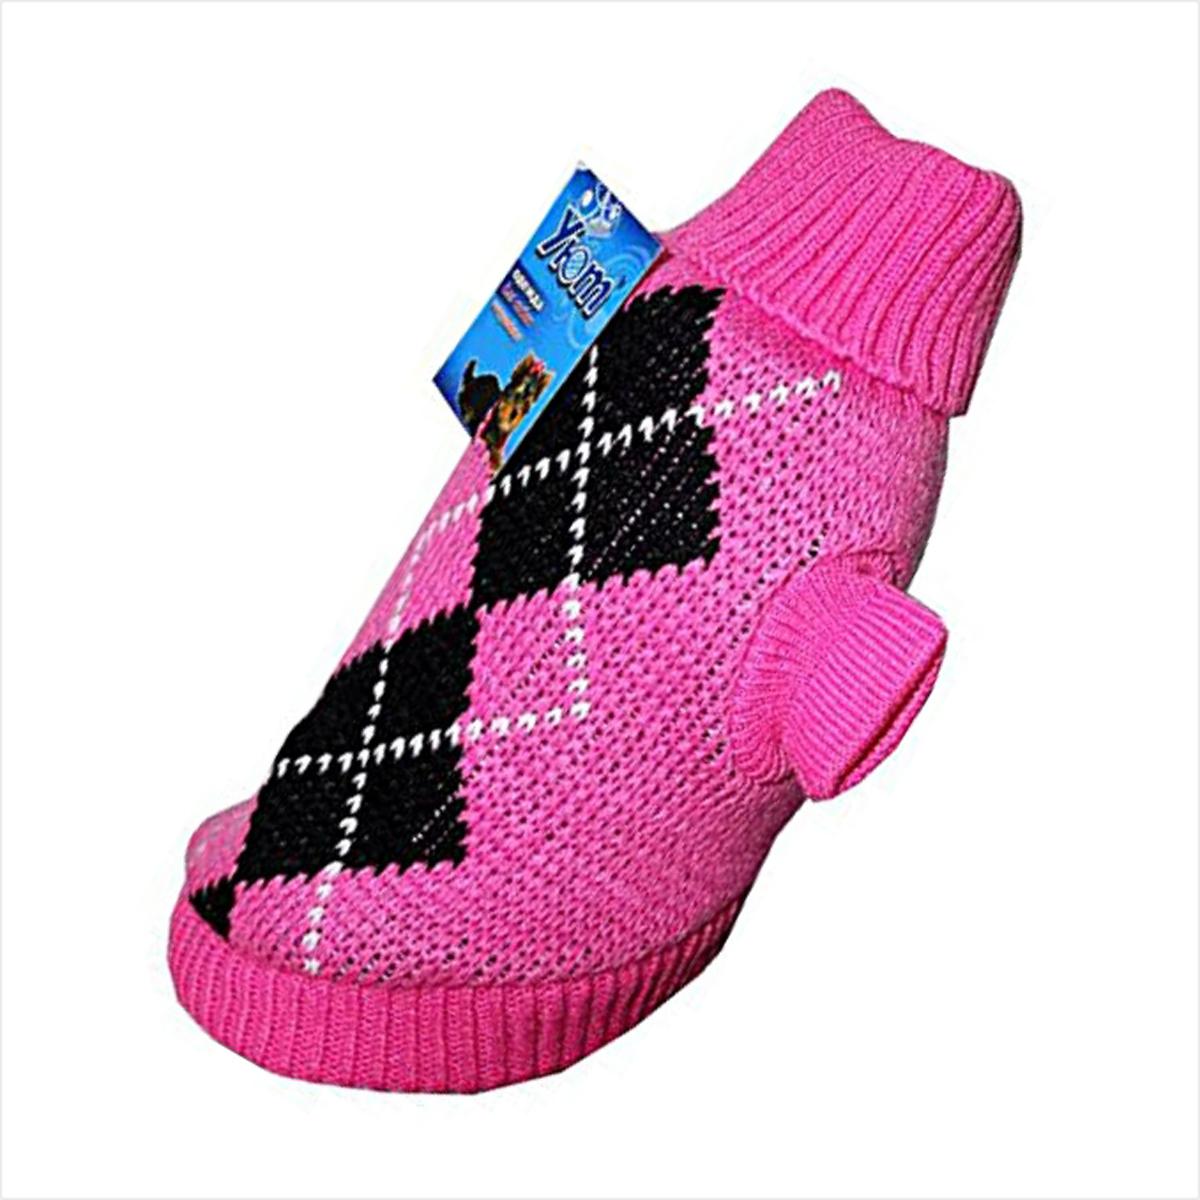 """Свитер для собак """"Уют"""", для девочки, цвет: розовый. НМ11Л. Размер L"""